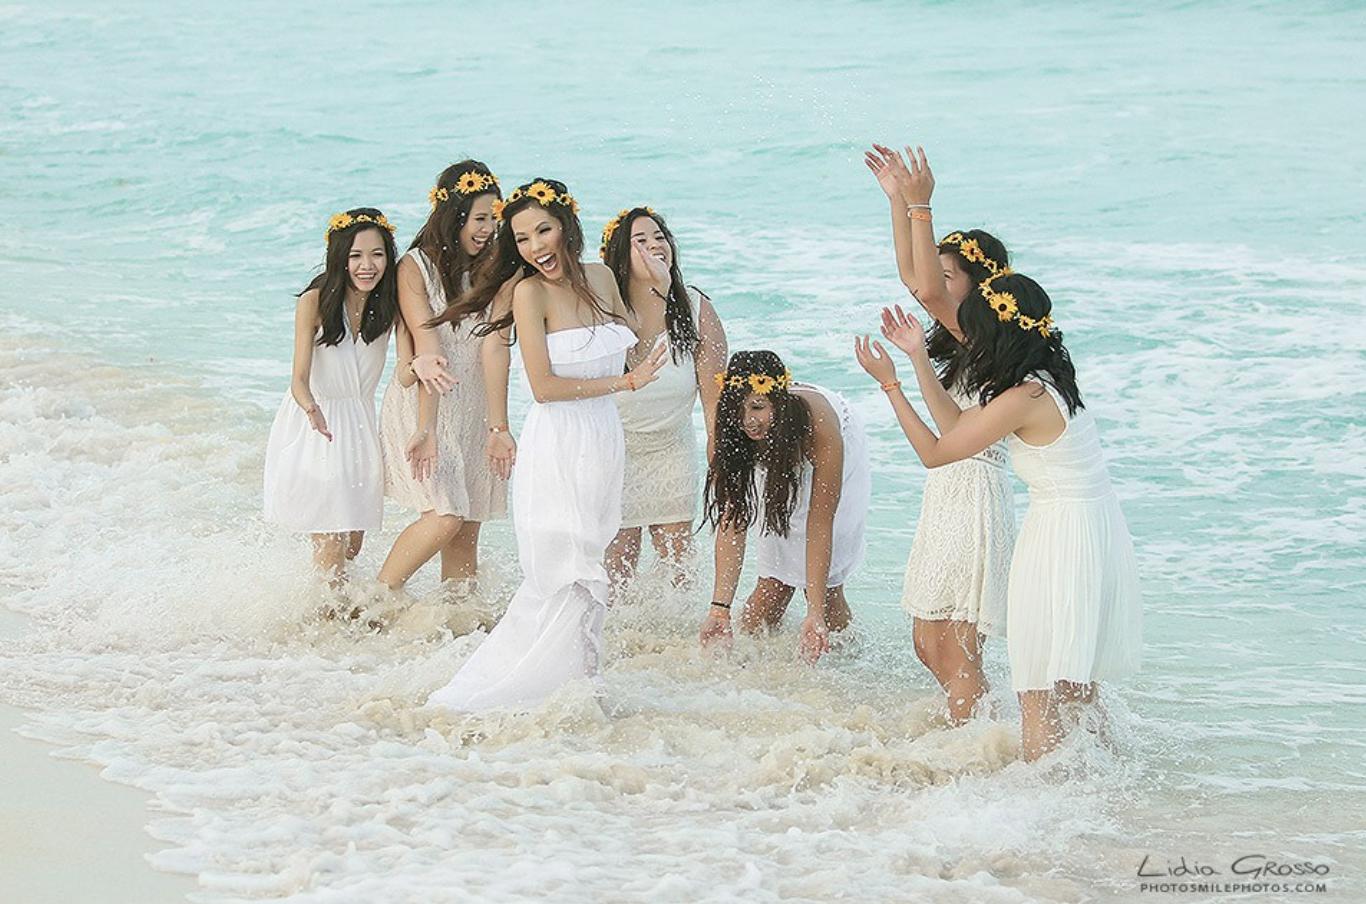 unique-bridal-shower-venuerific-blog-white-dress-beach-party